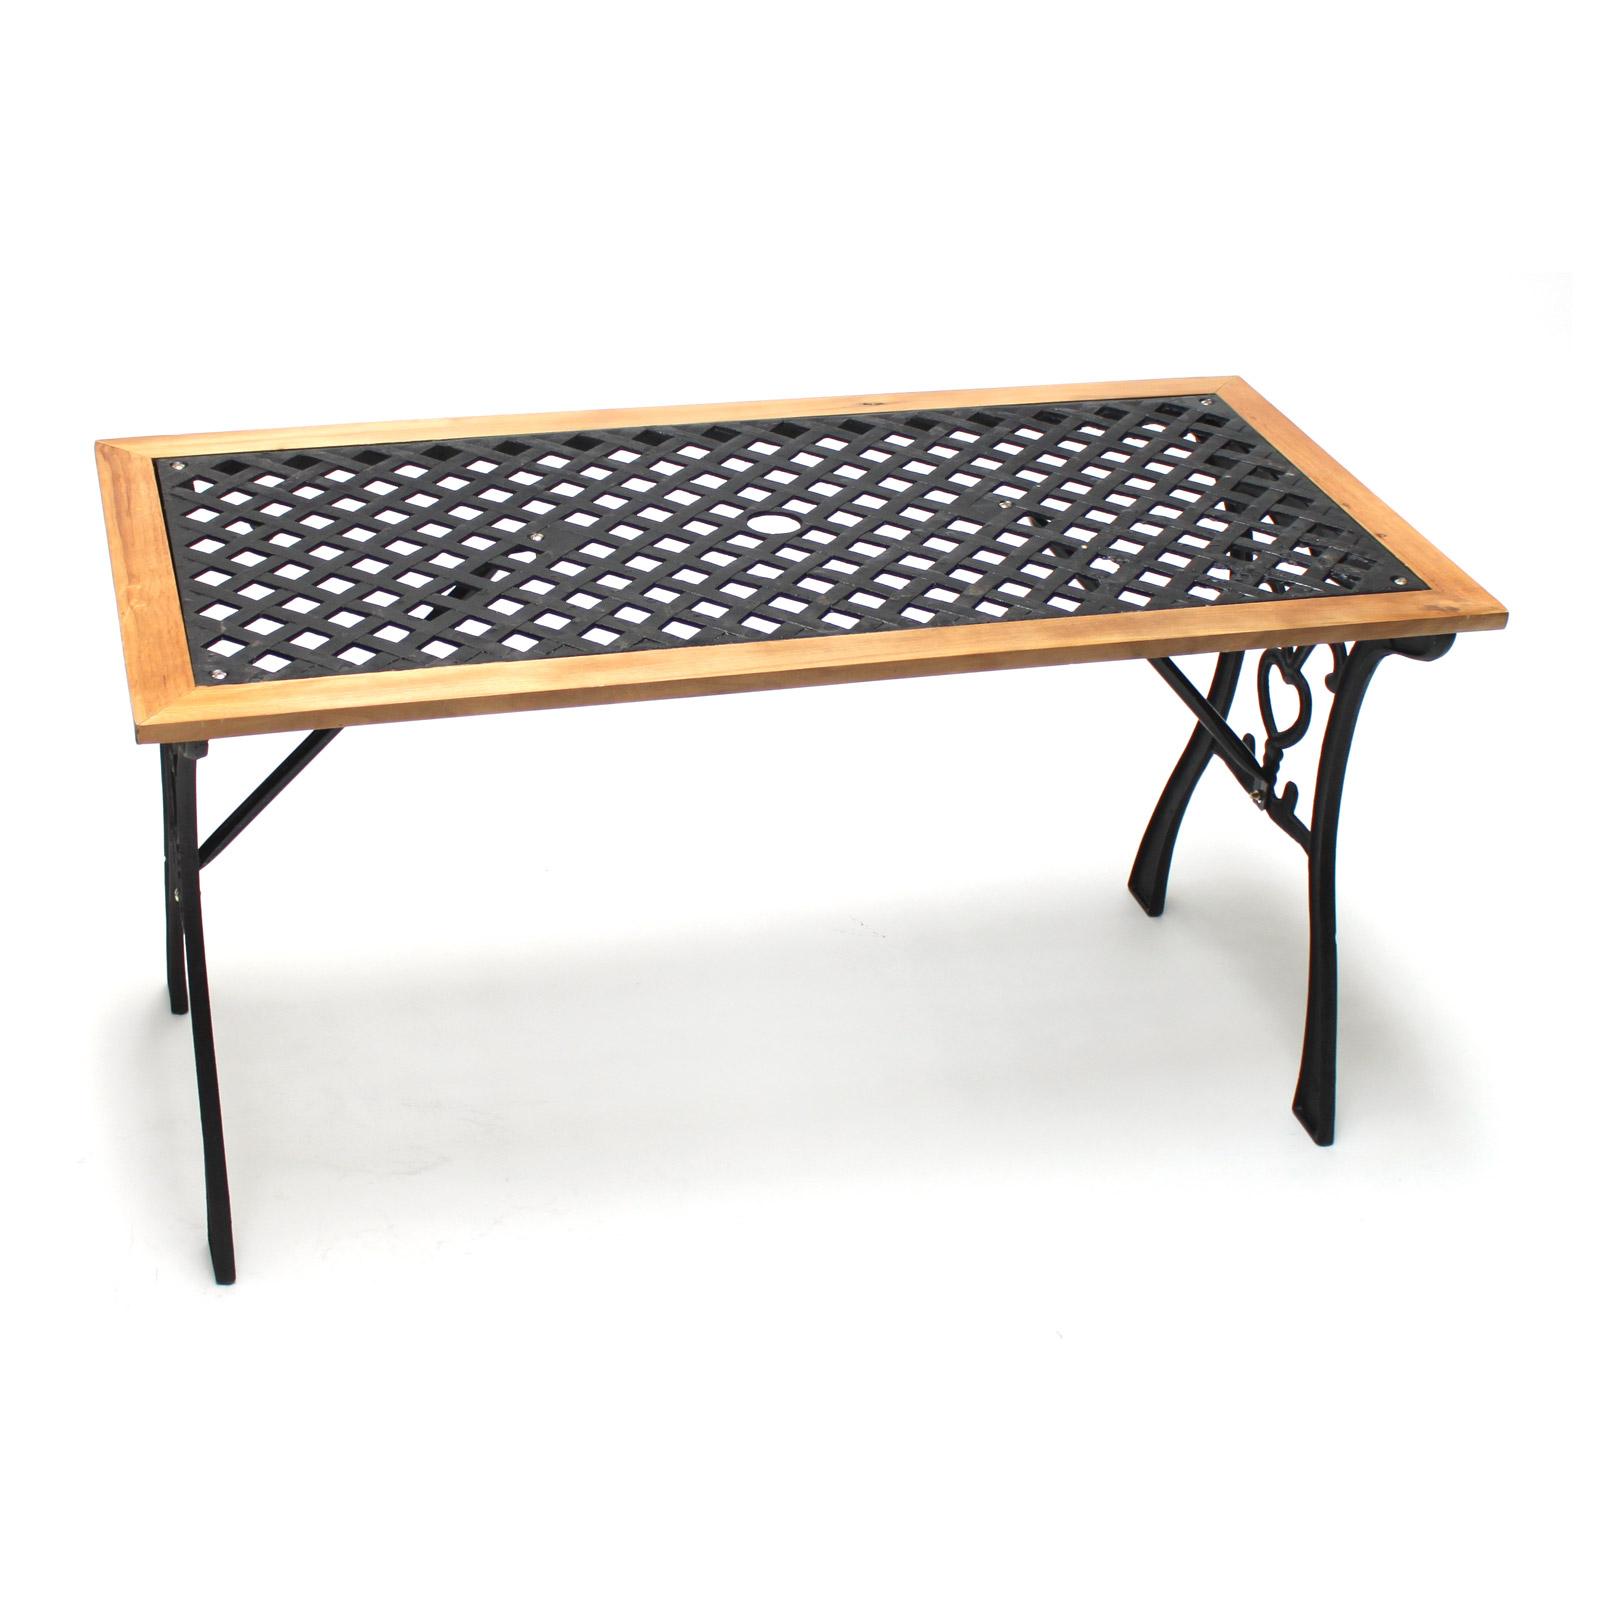 910446 Gartentisch Garten Tisch Guss Holz Parkbanktisch